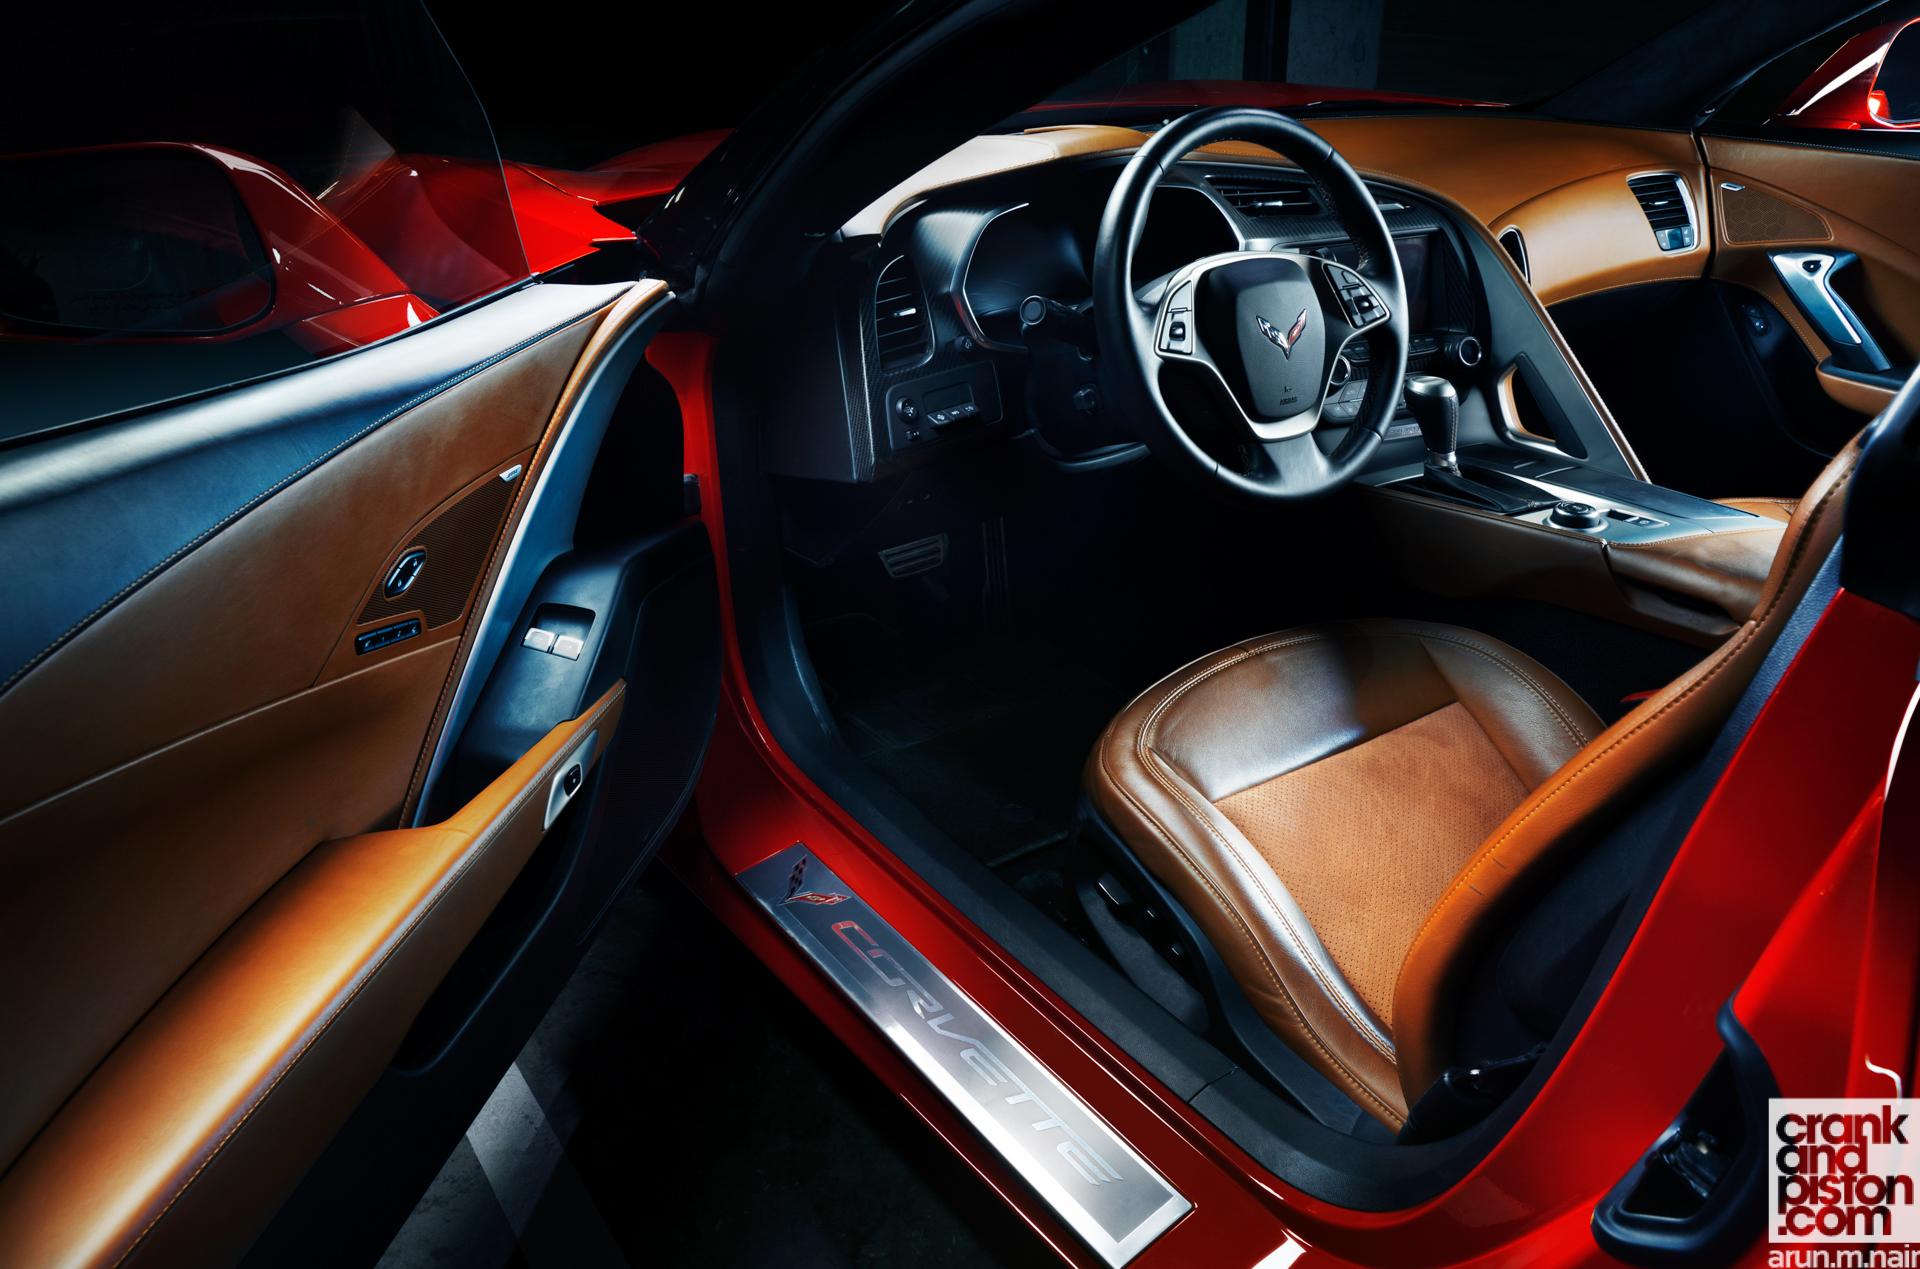 Corvette C7 Stingray Wallpaper-03